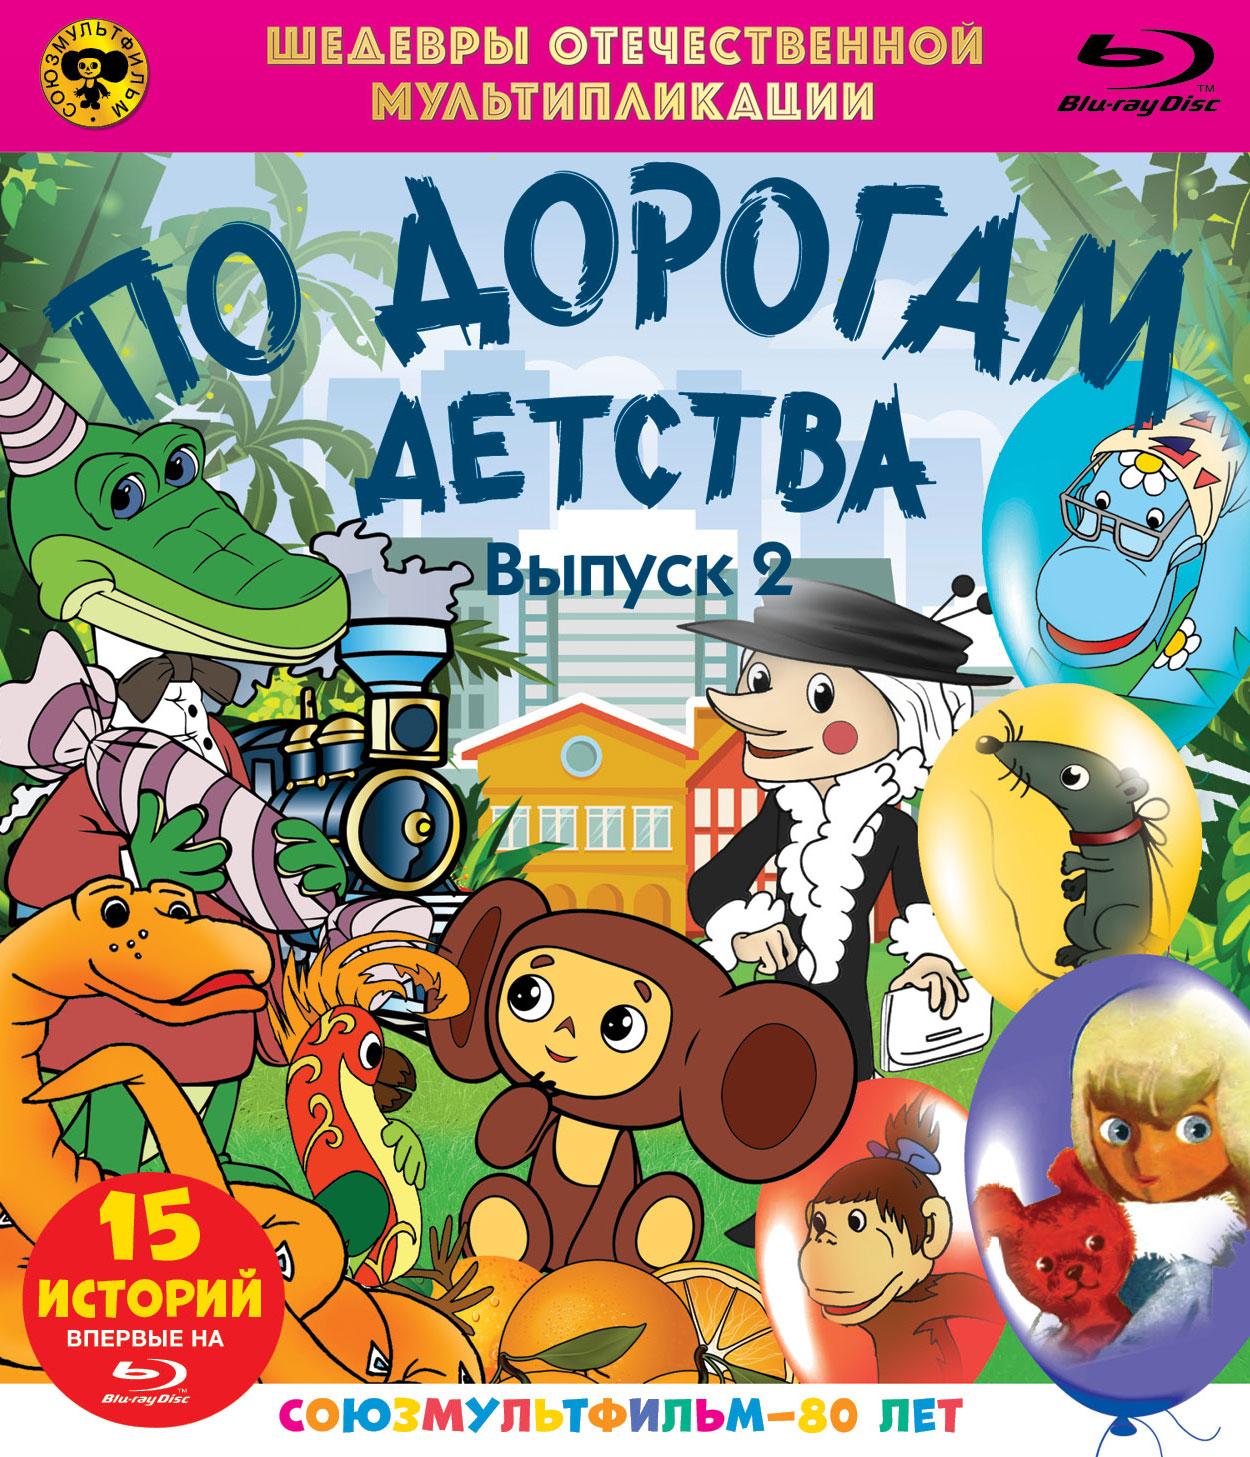 По дорогам детства: Сборник мультфильмов. Выпуск 2 (Blu-ray)